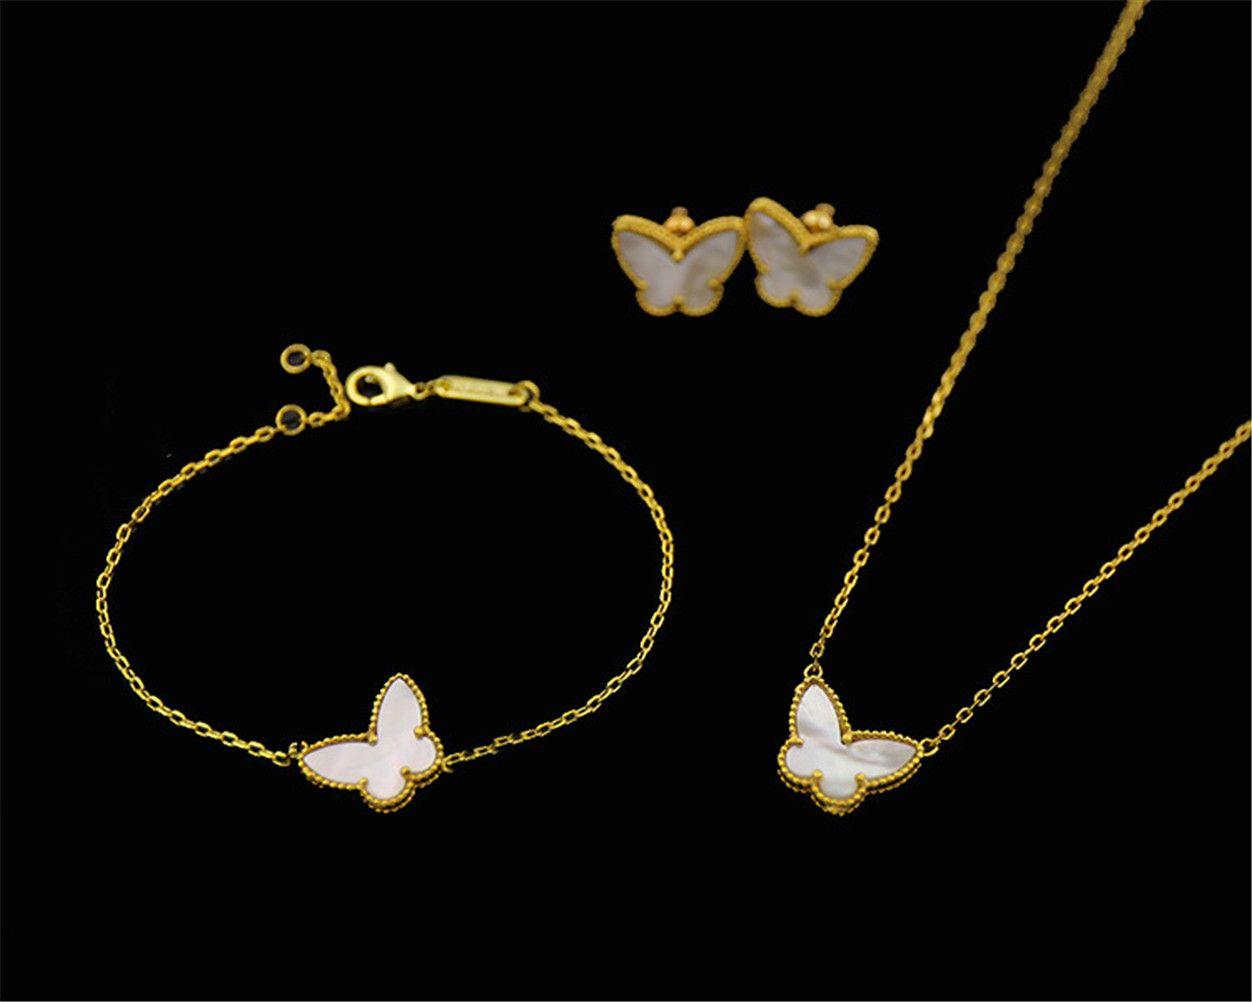 VAF 18K Gold Fashion Classic Sweet 4 / Quatre Feuillard Bracelet Bâilloir Boucles d'oreilles Collier Ensemble de bijoux pour S925 Silver Van Womengirls Wedding Saint Valentin Cadeaux